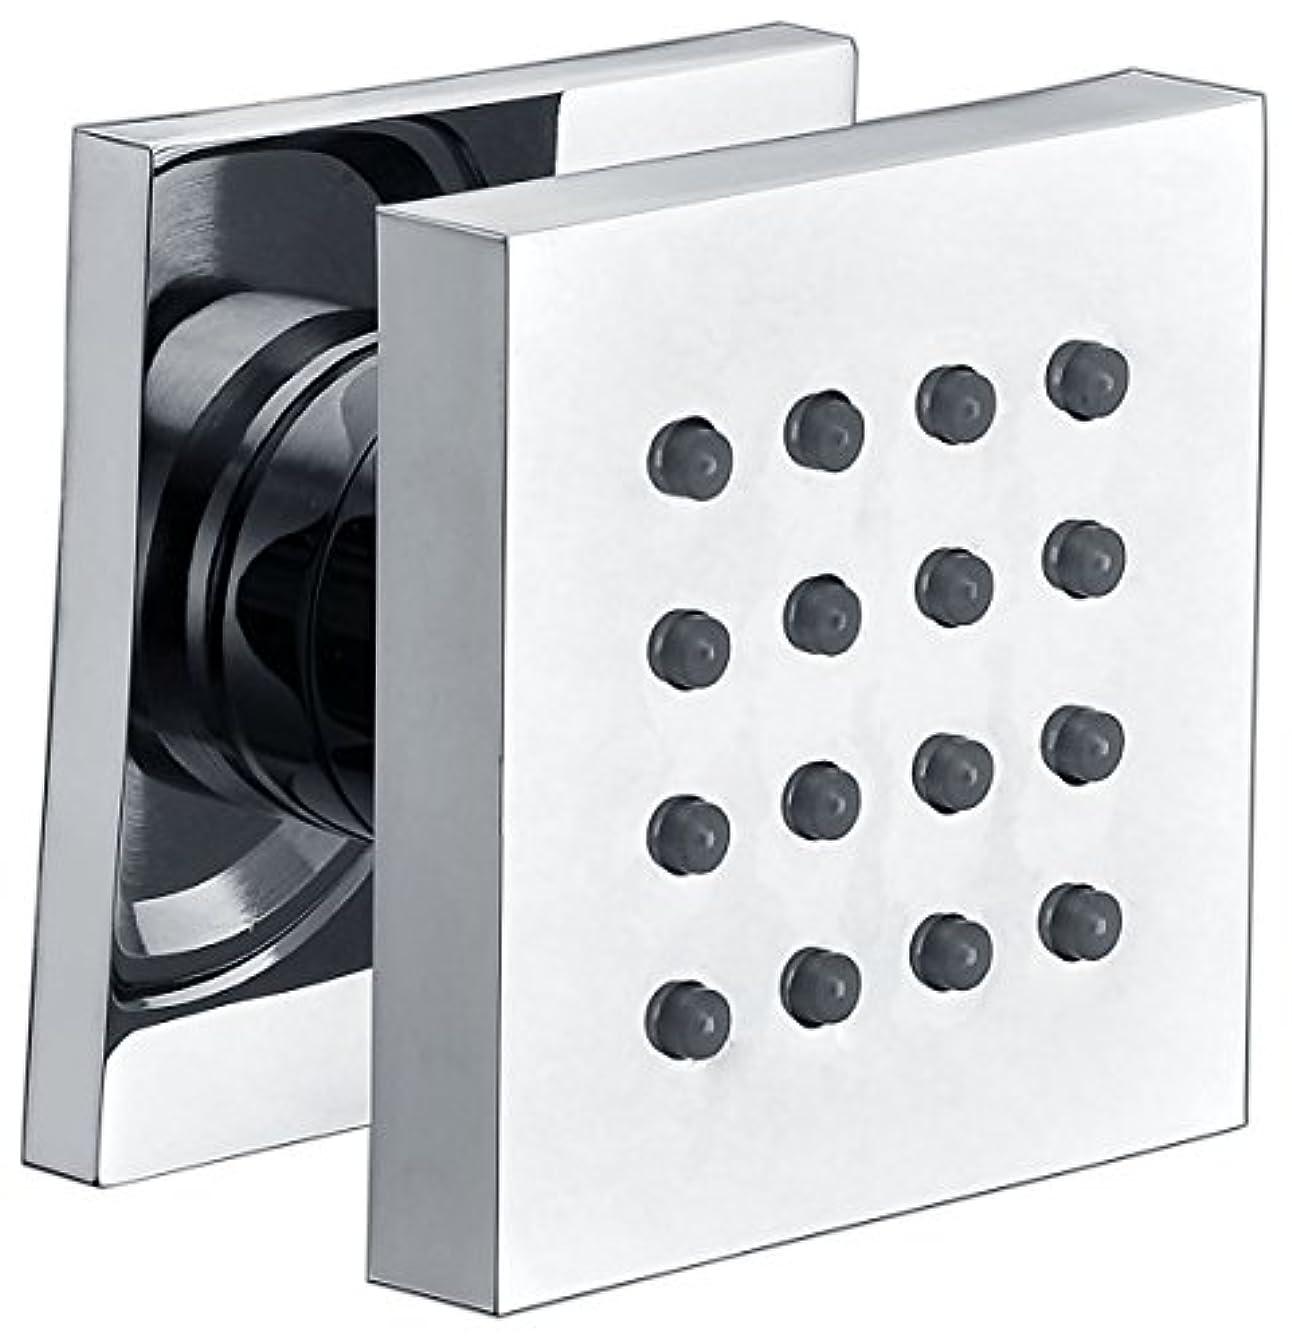 家族コジオスコ日没Alfiブランドab4501モダン正方形調整可能シャワーボディスプレー AB4501-PC 1